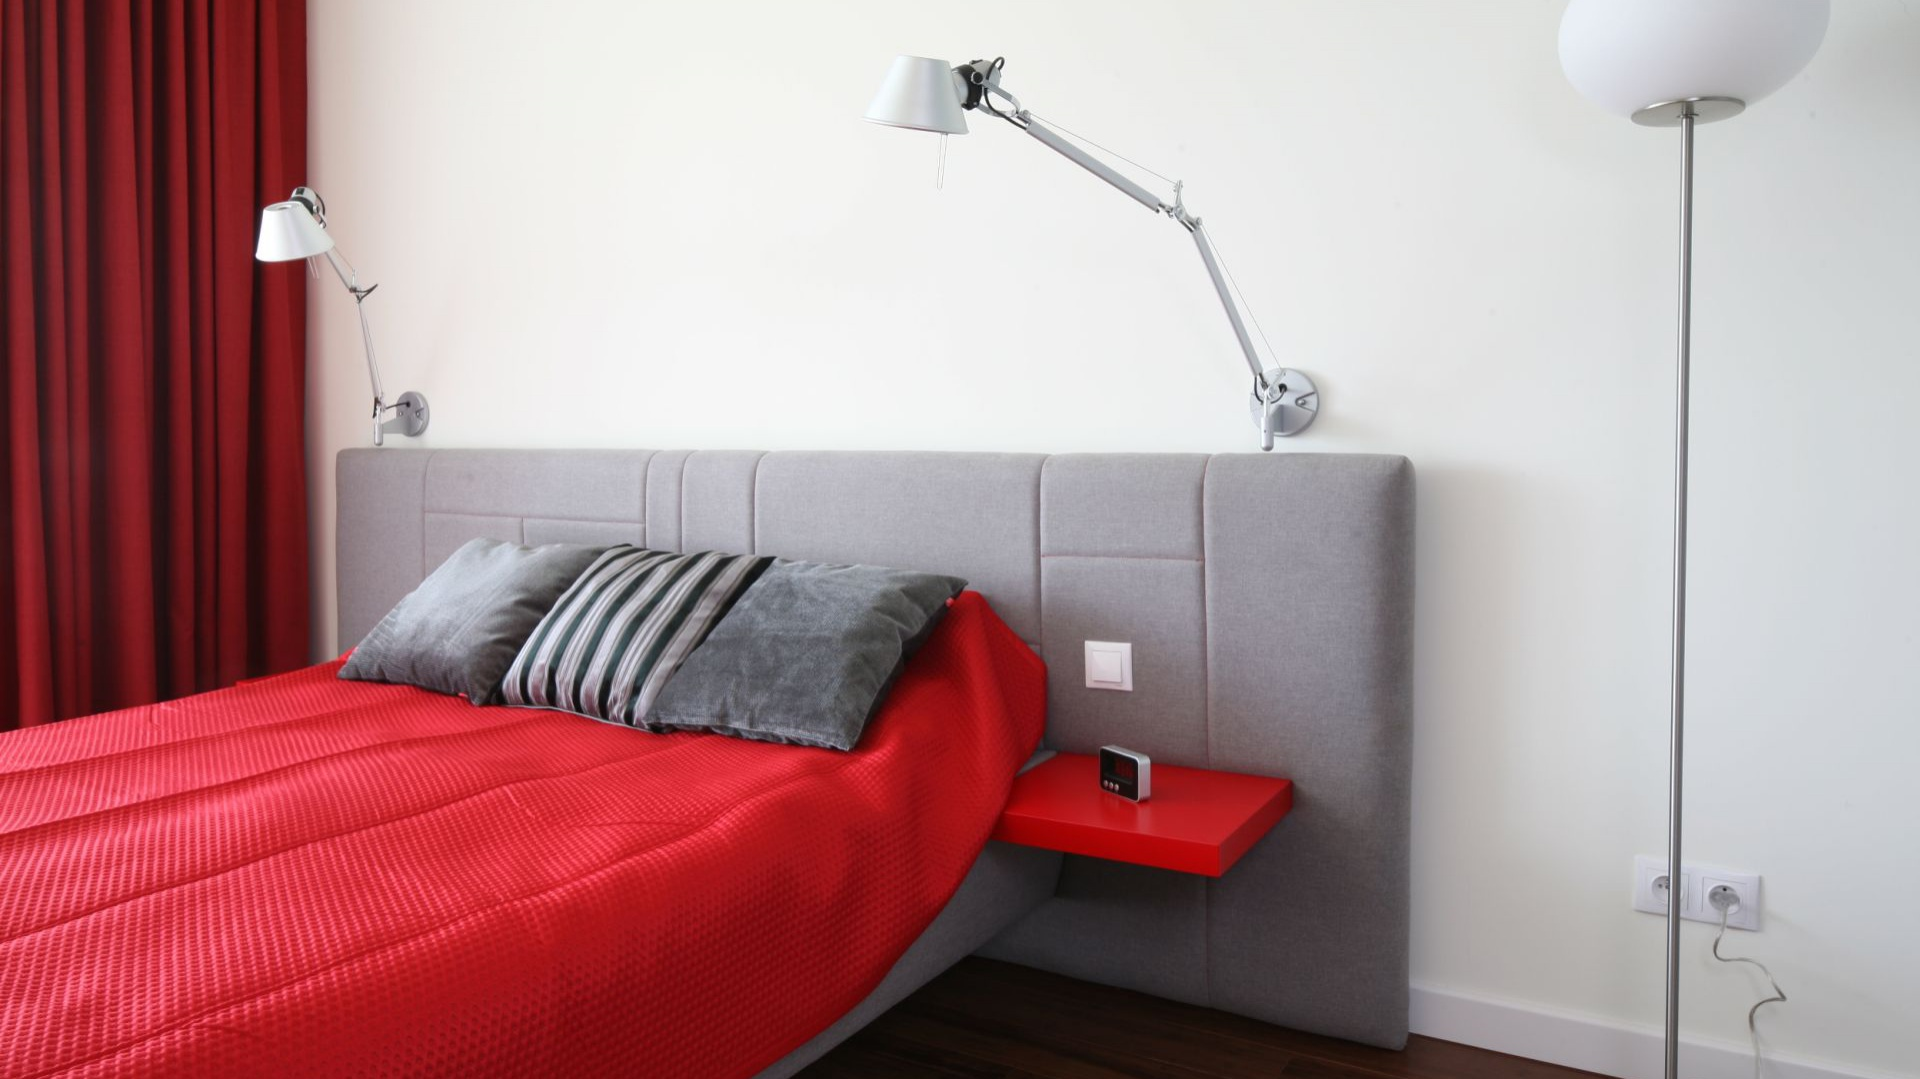 Czerwień to kolor zdecydowany. W sypialni może pobudzać i rozpalać emocje. Polecany jest szczególnie do sypialni małżeńskich. Projekt: Iza Szewc. Fot. Bartosz Jarosz.